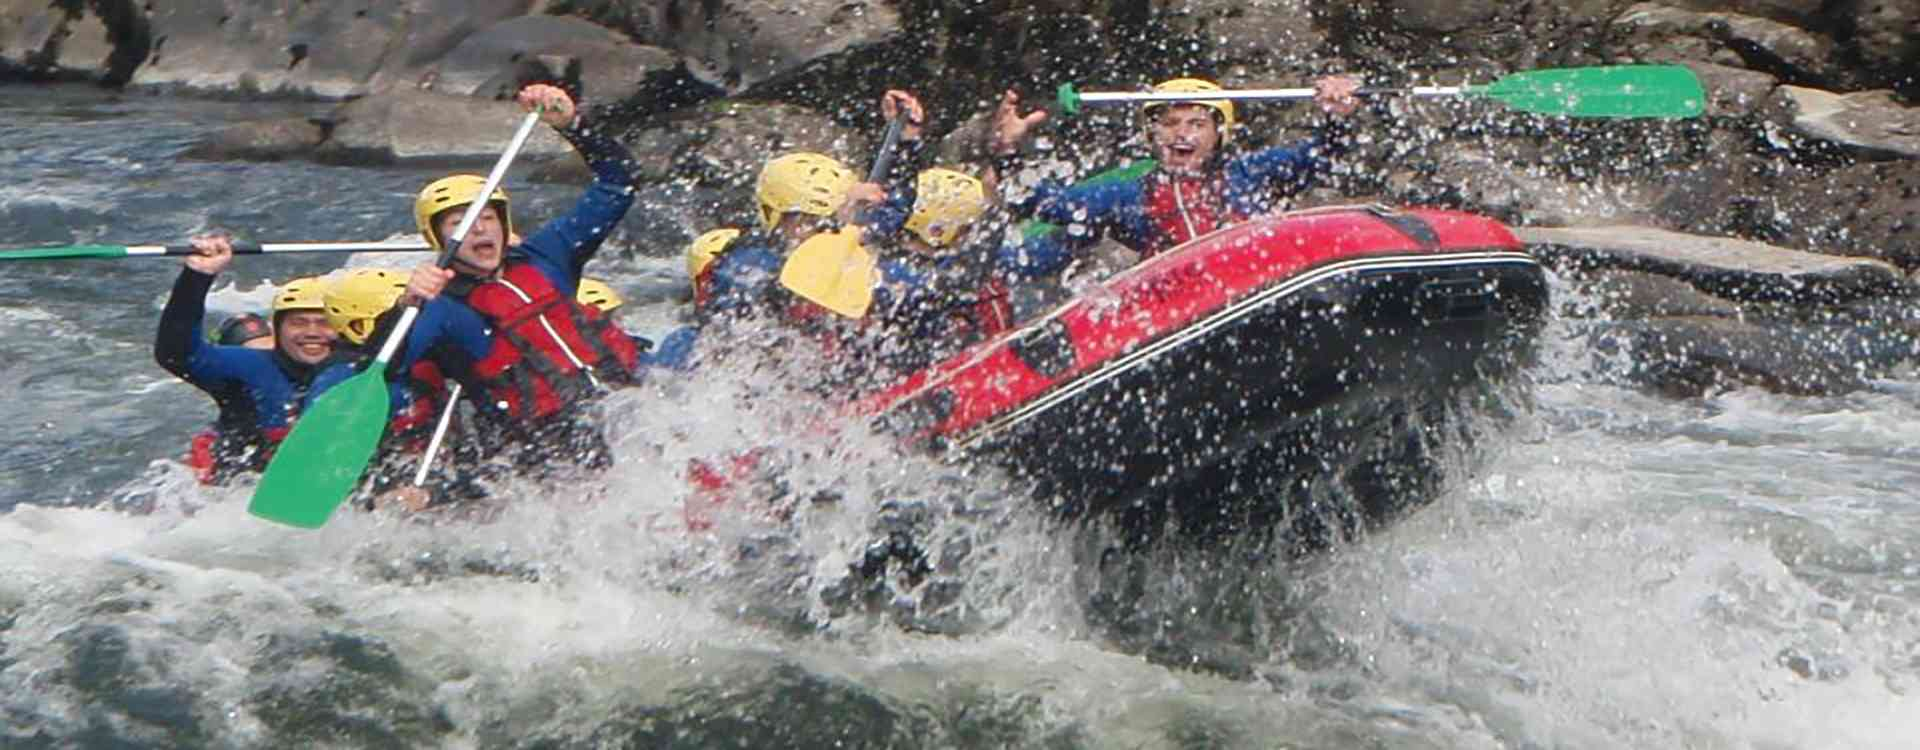 grupo de jovenes realizando descenso en rafting por el rio ulla